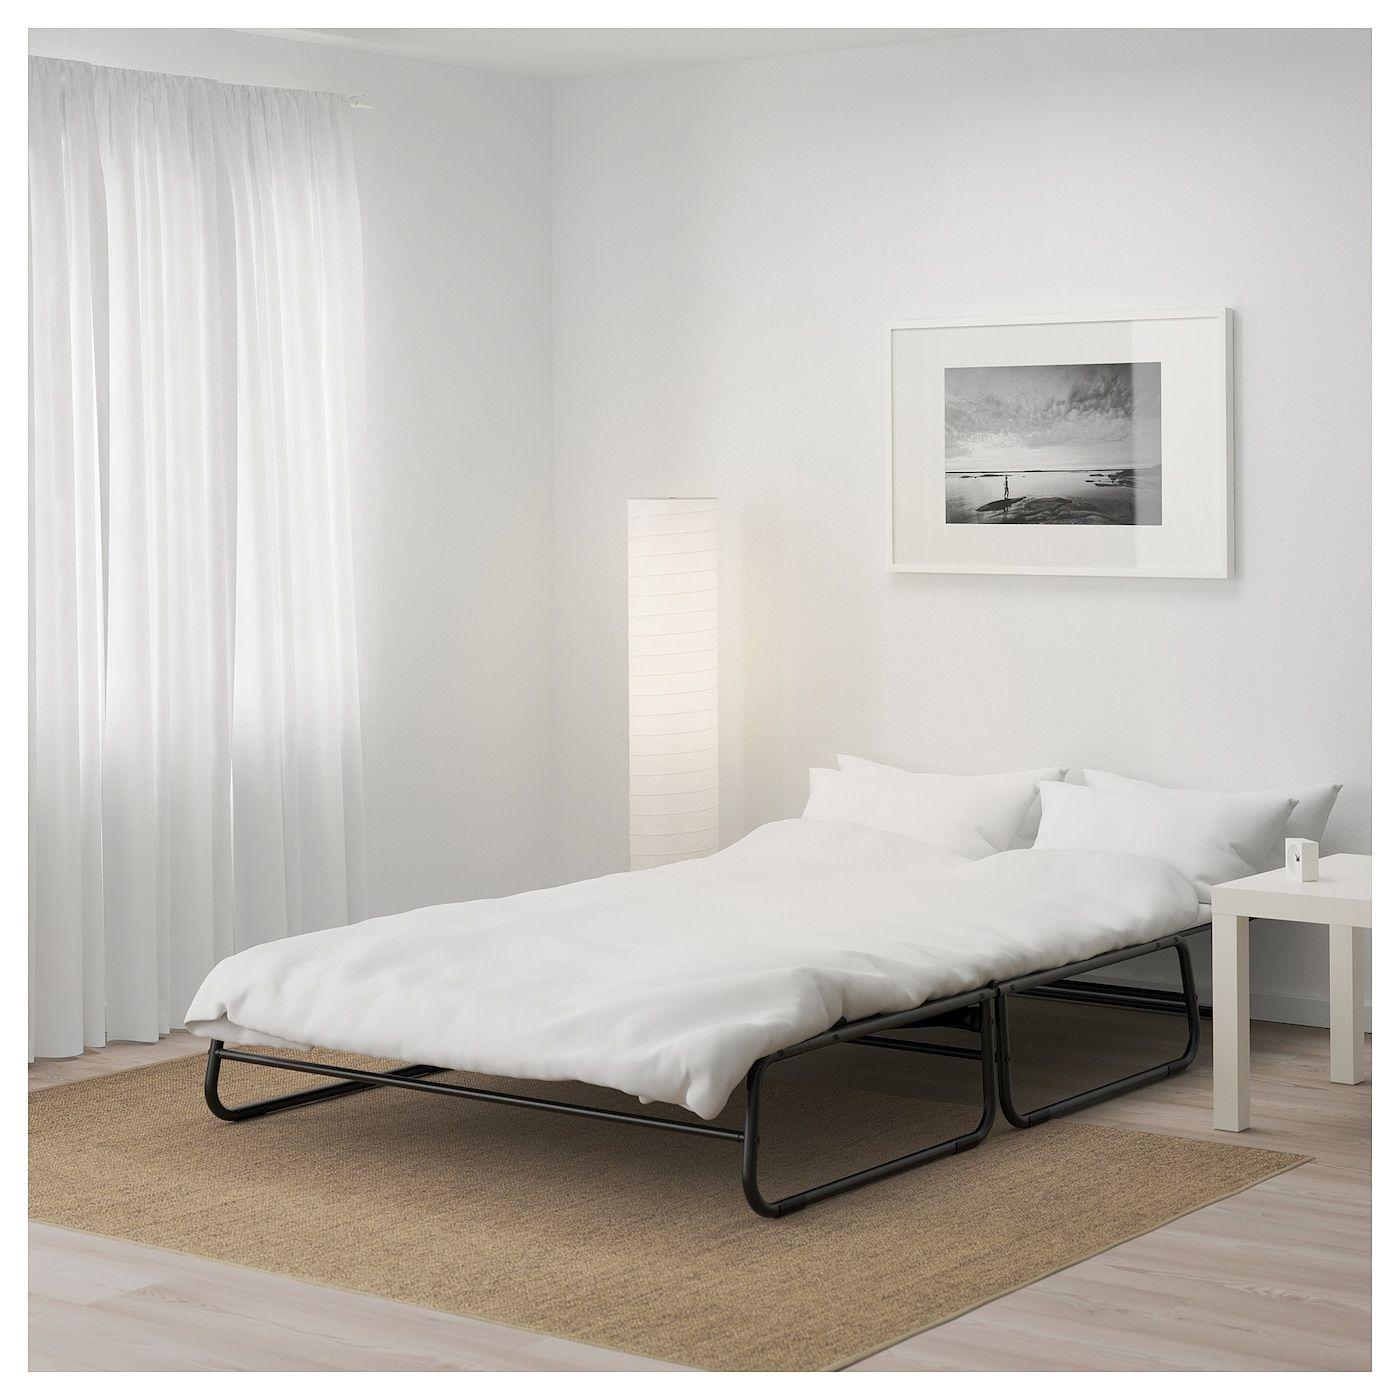 Ikea Hammarn Futon Knisa Dark Gray